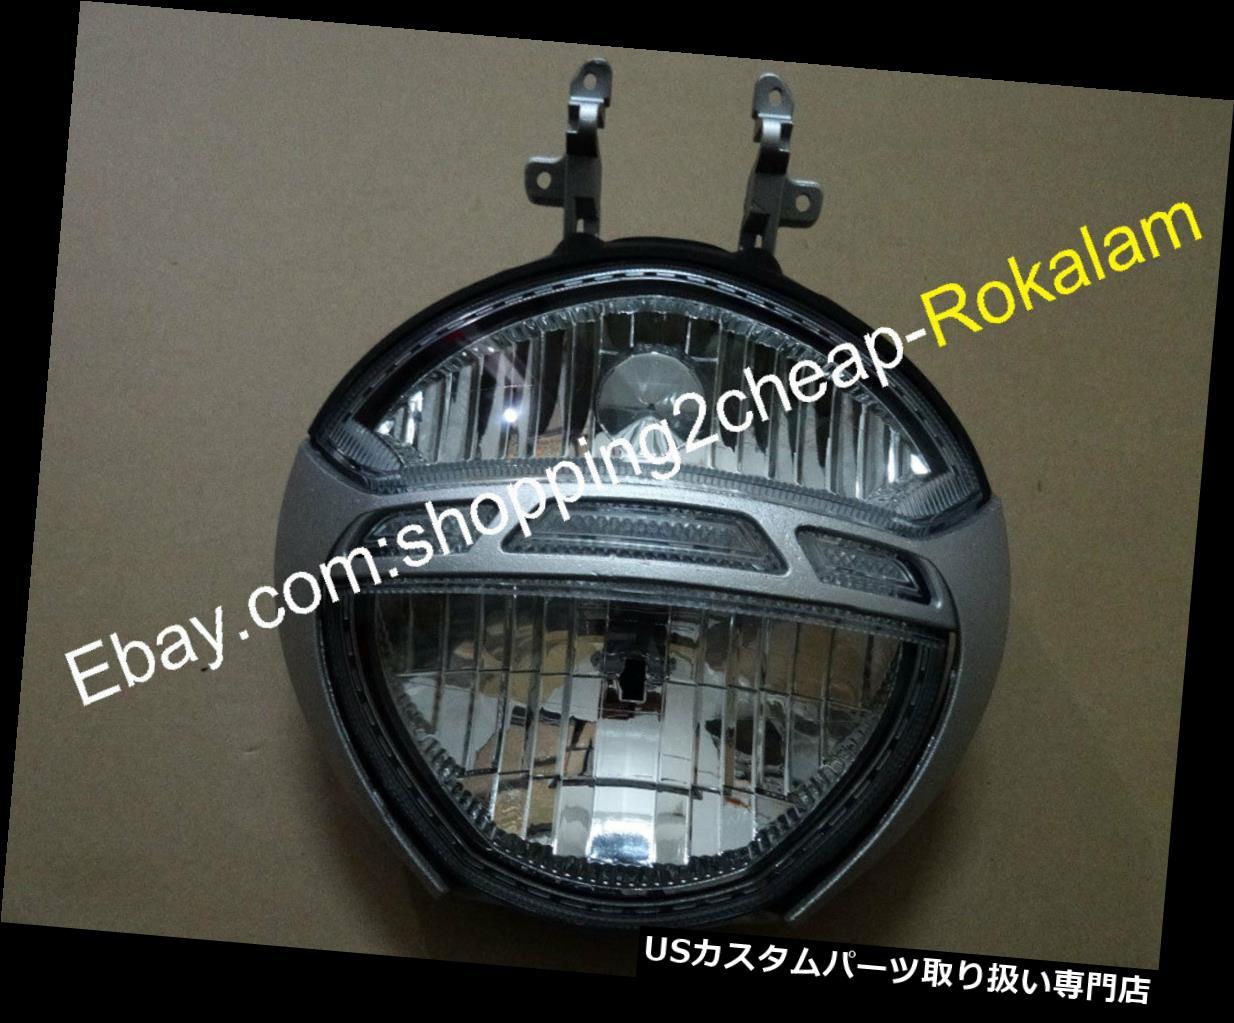 USヘッドライト ドゥカティのヘッドライトヘッドライト696 795 796 M1100 2009 2010 2011アフターマーケット部品 Headlight Headlamp For Ducati 696 795 796 M1100 2009 2010 2011 Aftermarket Parts